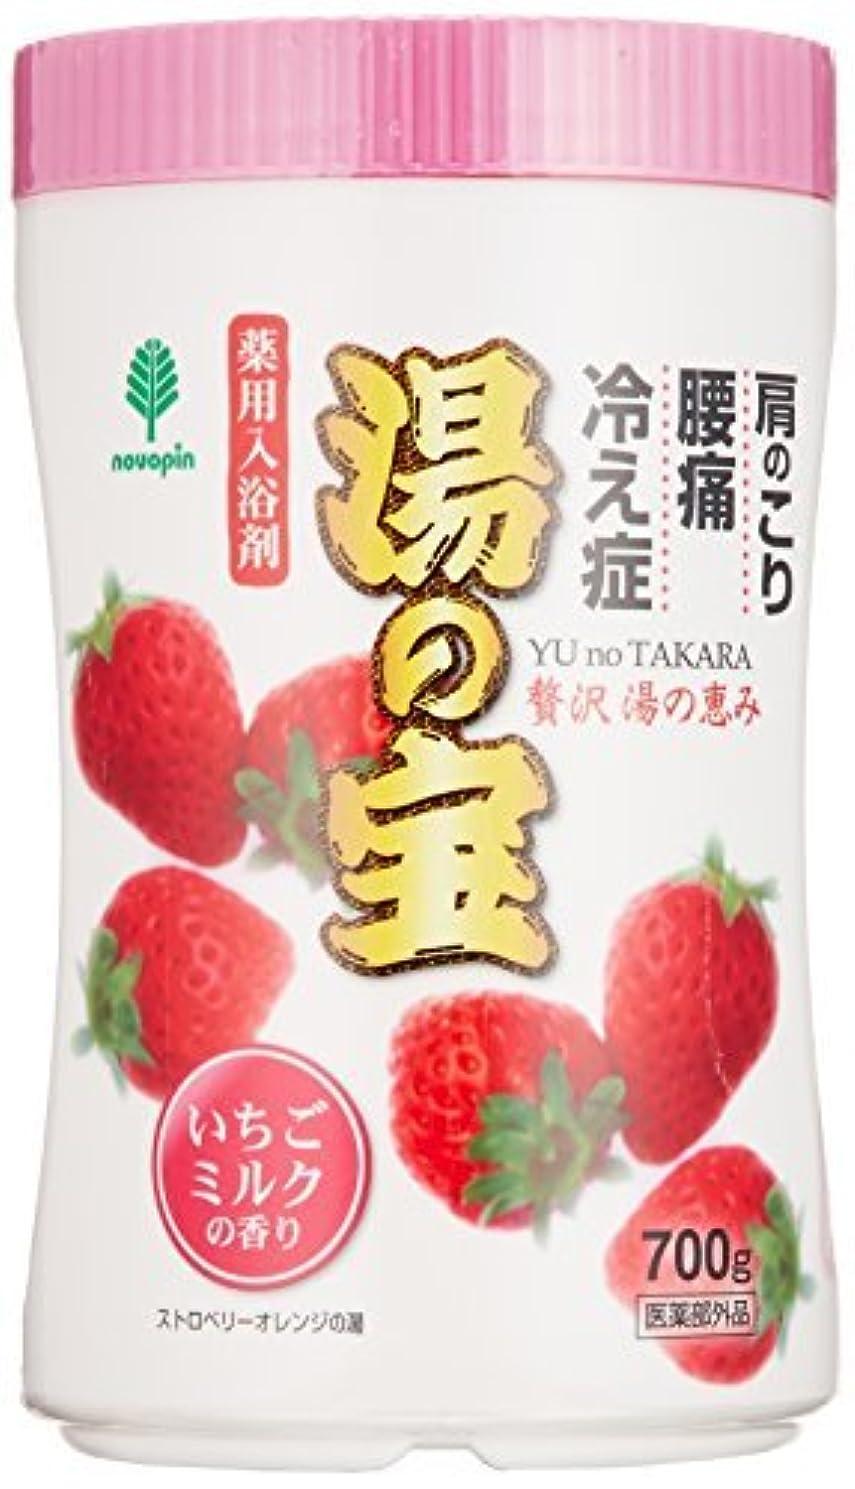 リフレッシュ感嘆符スペクトラム紀陽除虫菊 湯の宝 いちごミルクの香り (丸ボトル) 700g【まとめ買い15個セット】 N-0064